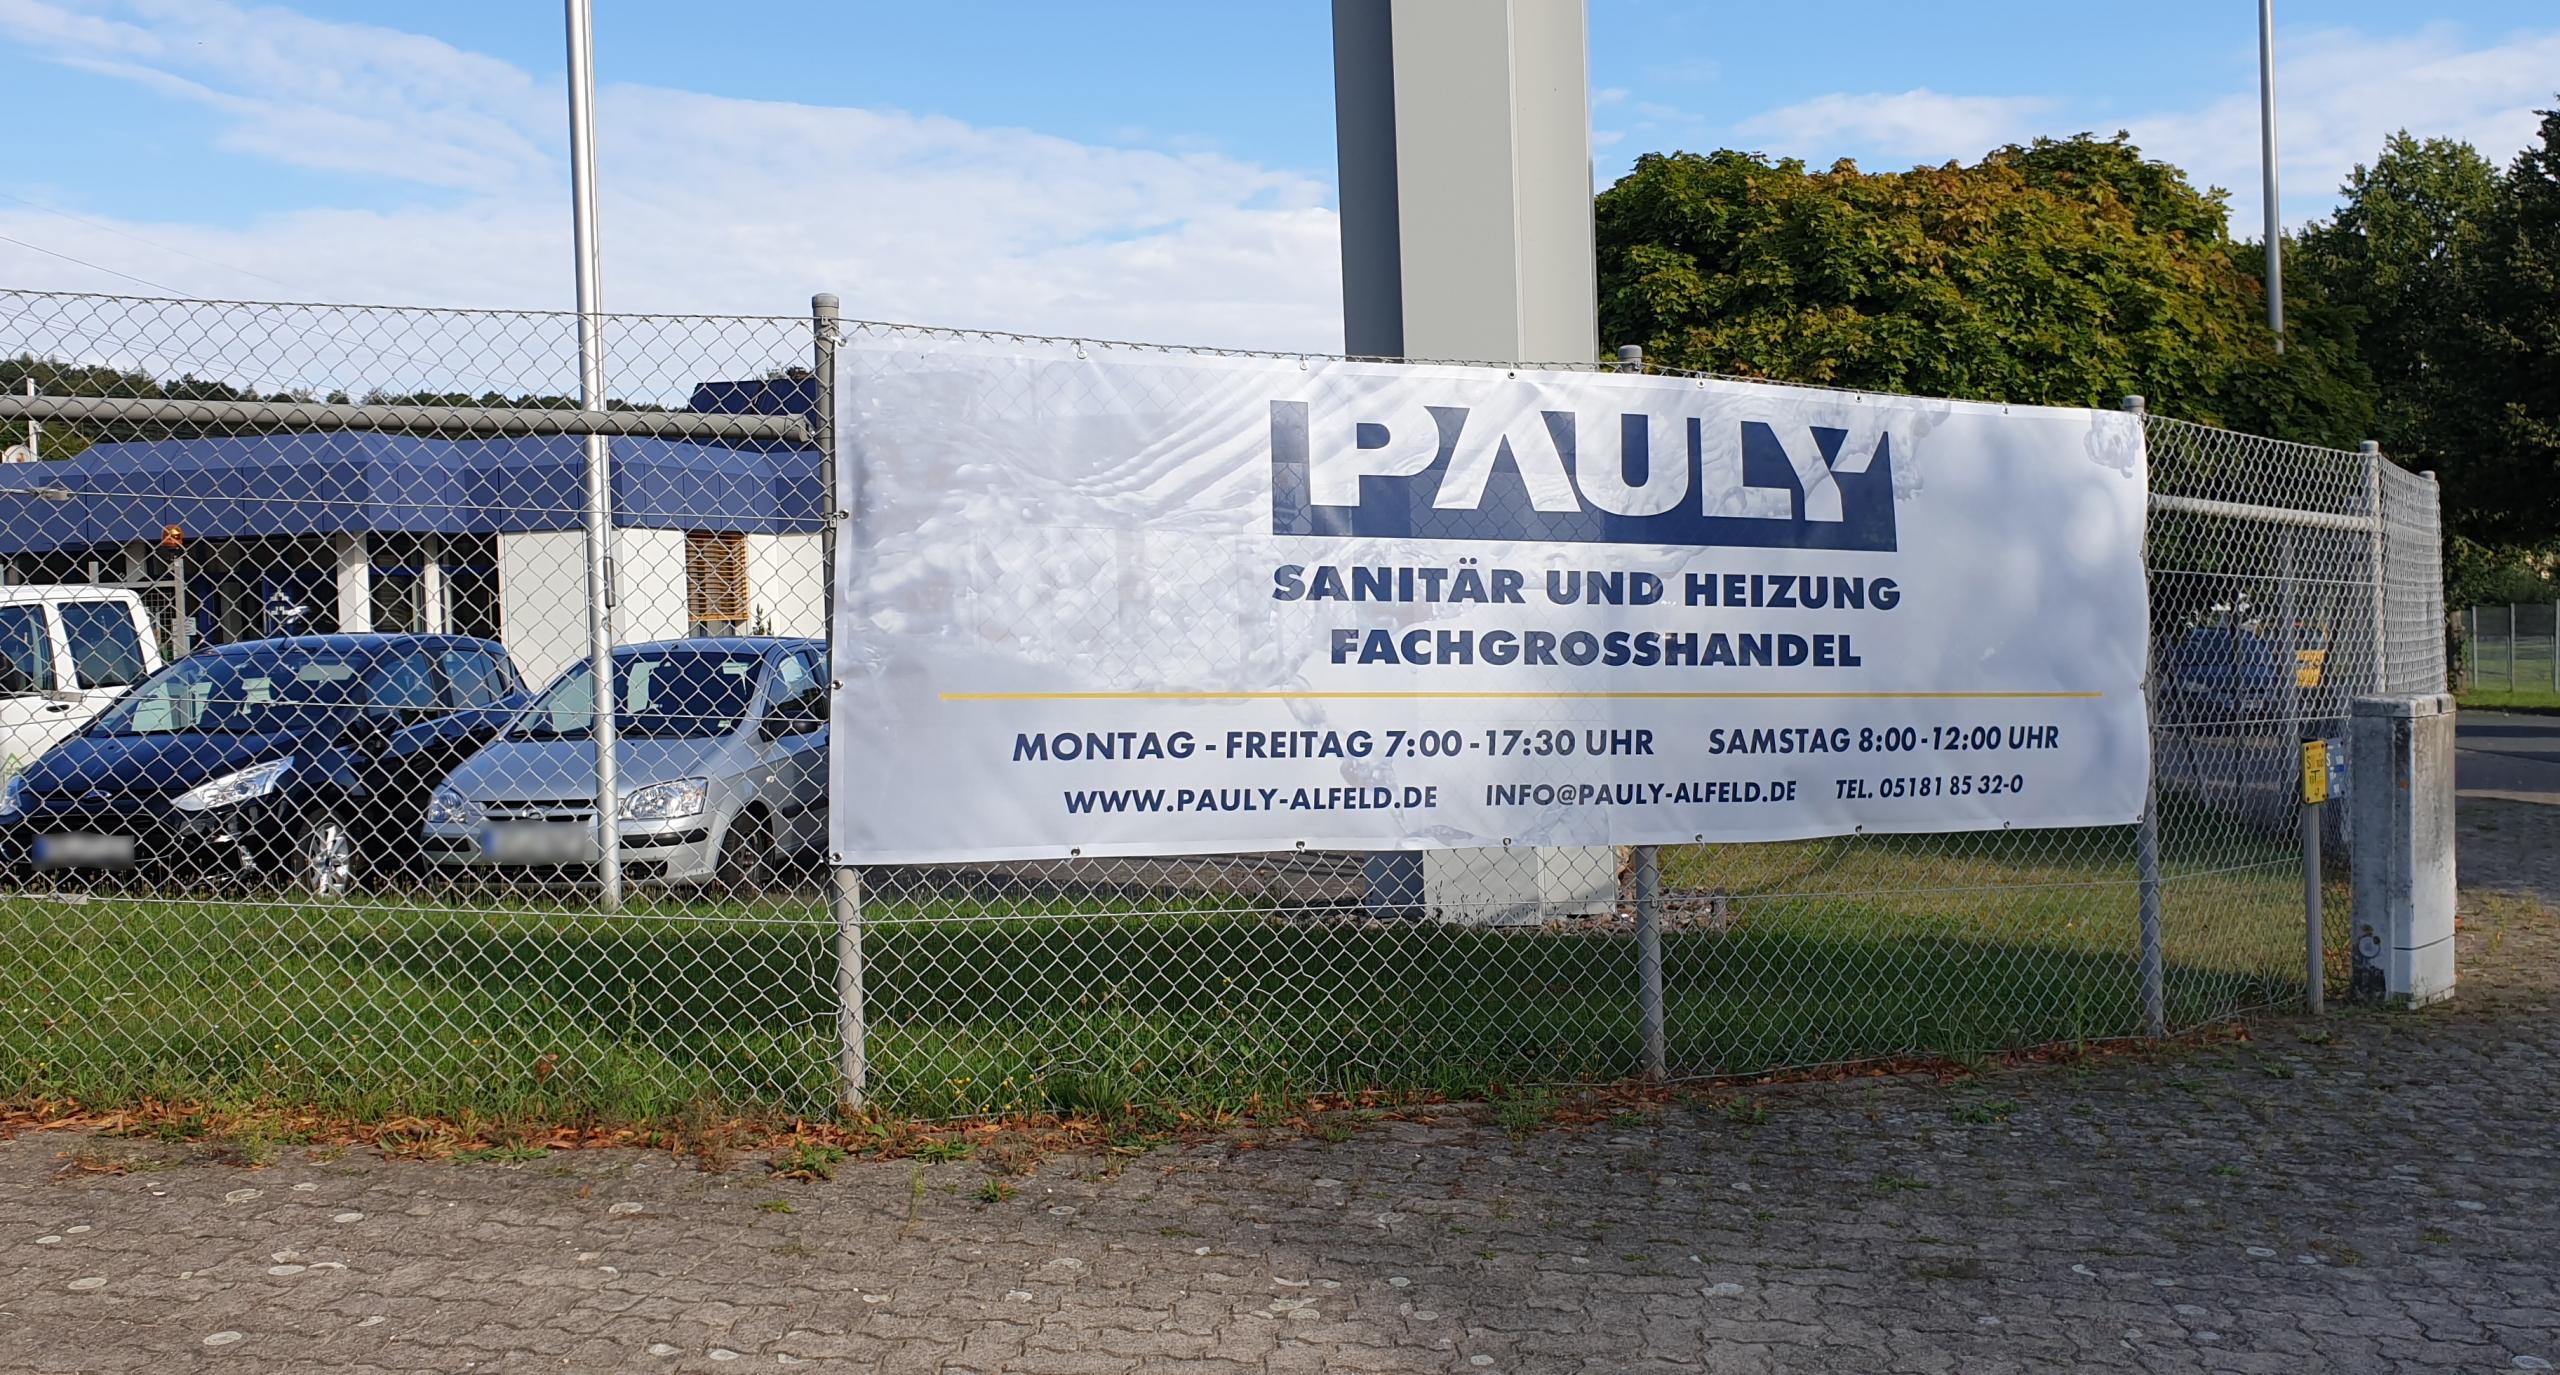 Die Firma Pauly aus Alfeld präsentiert sich im einheitlichen Design und hat in dem Zug ihre Hinweisschilder aktualisiert (Hier: XXL-Banner in 4,10 m Breite)